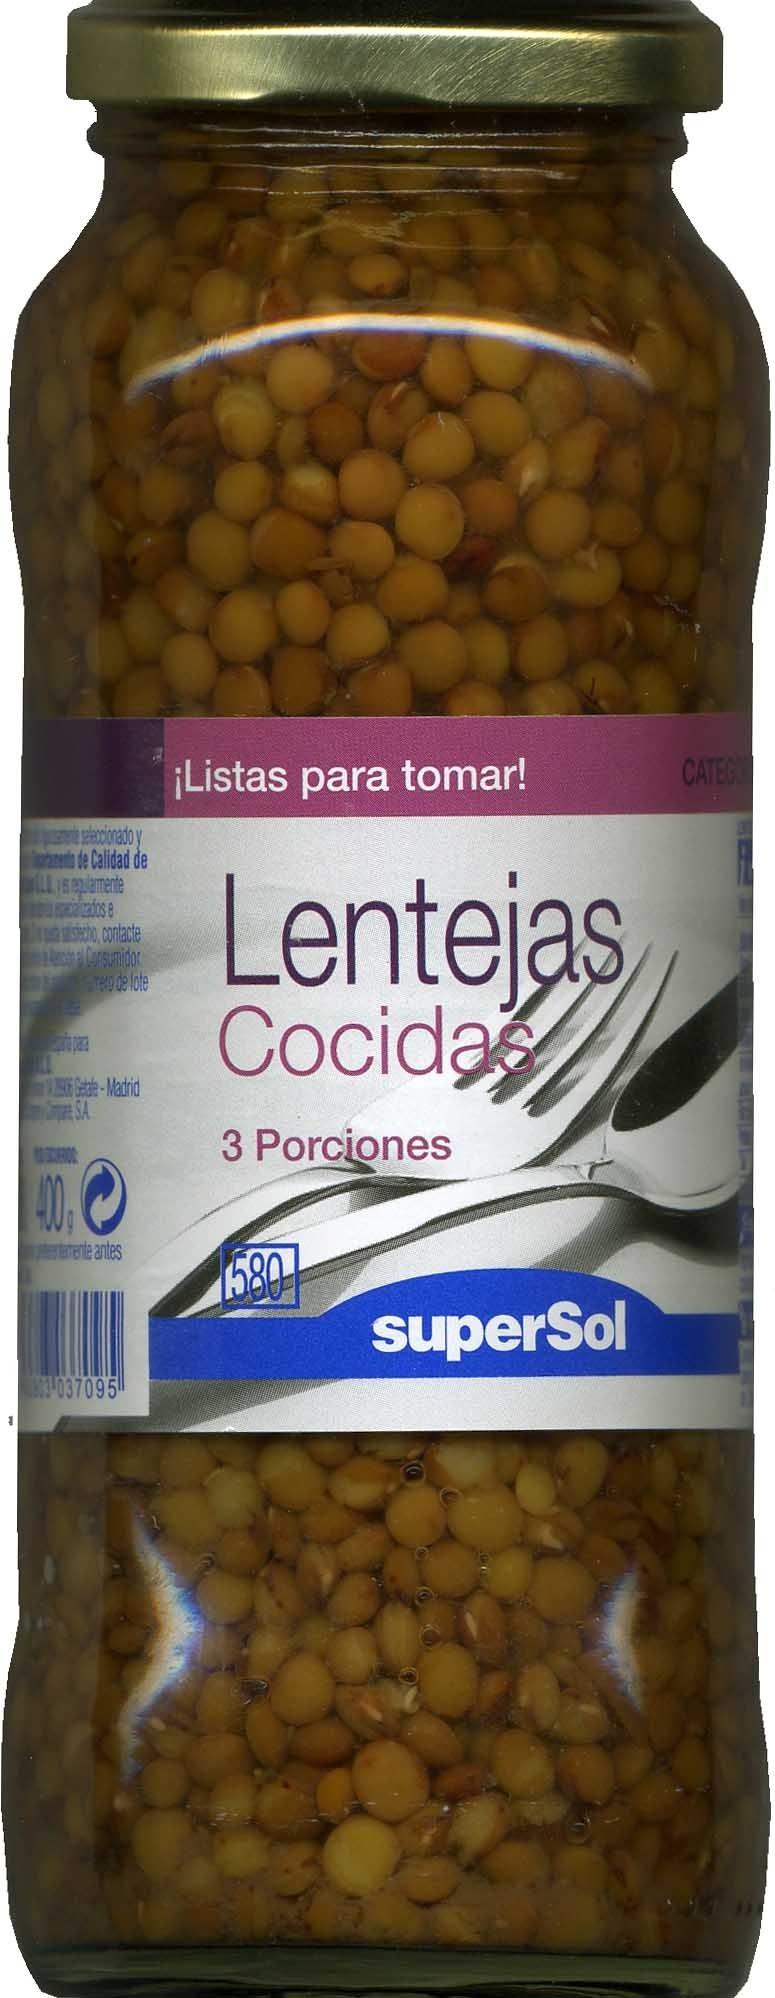 Lentejas cocidas - Producto - es